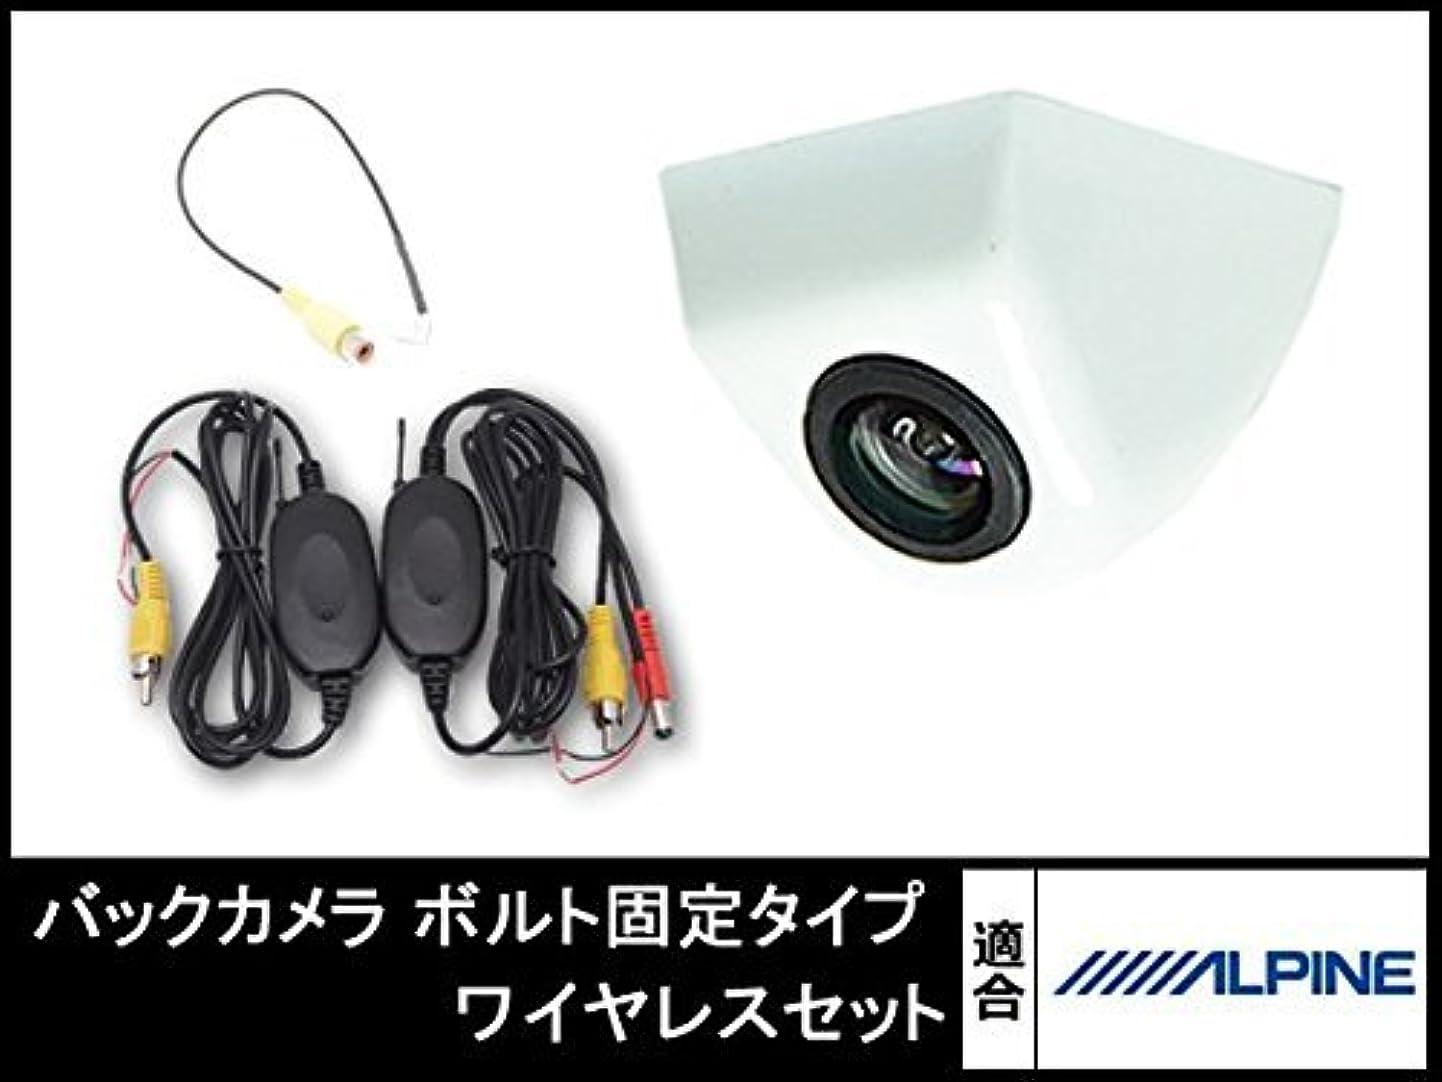 人柄上晩ごはんアルファード 専用設計ナビ X008V-AL-GO 対応 高画質 バックカメラ ボルト固定タイプ ホワイト 車載用 広角170° 超高精細 CMOS センサー 【ワイヤレスキット付】